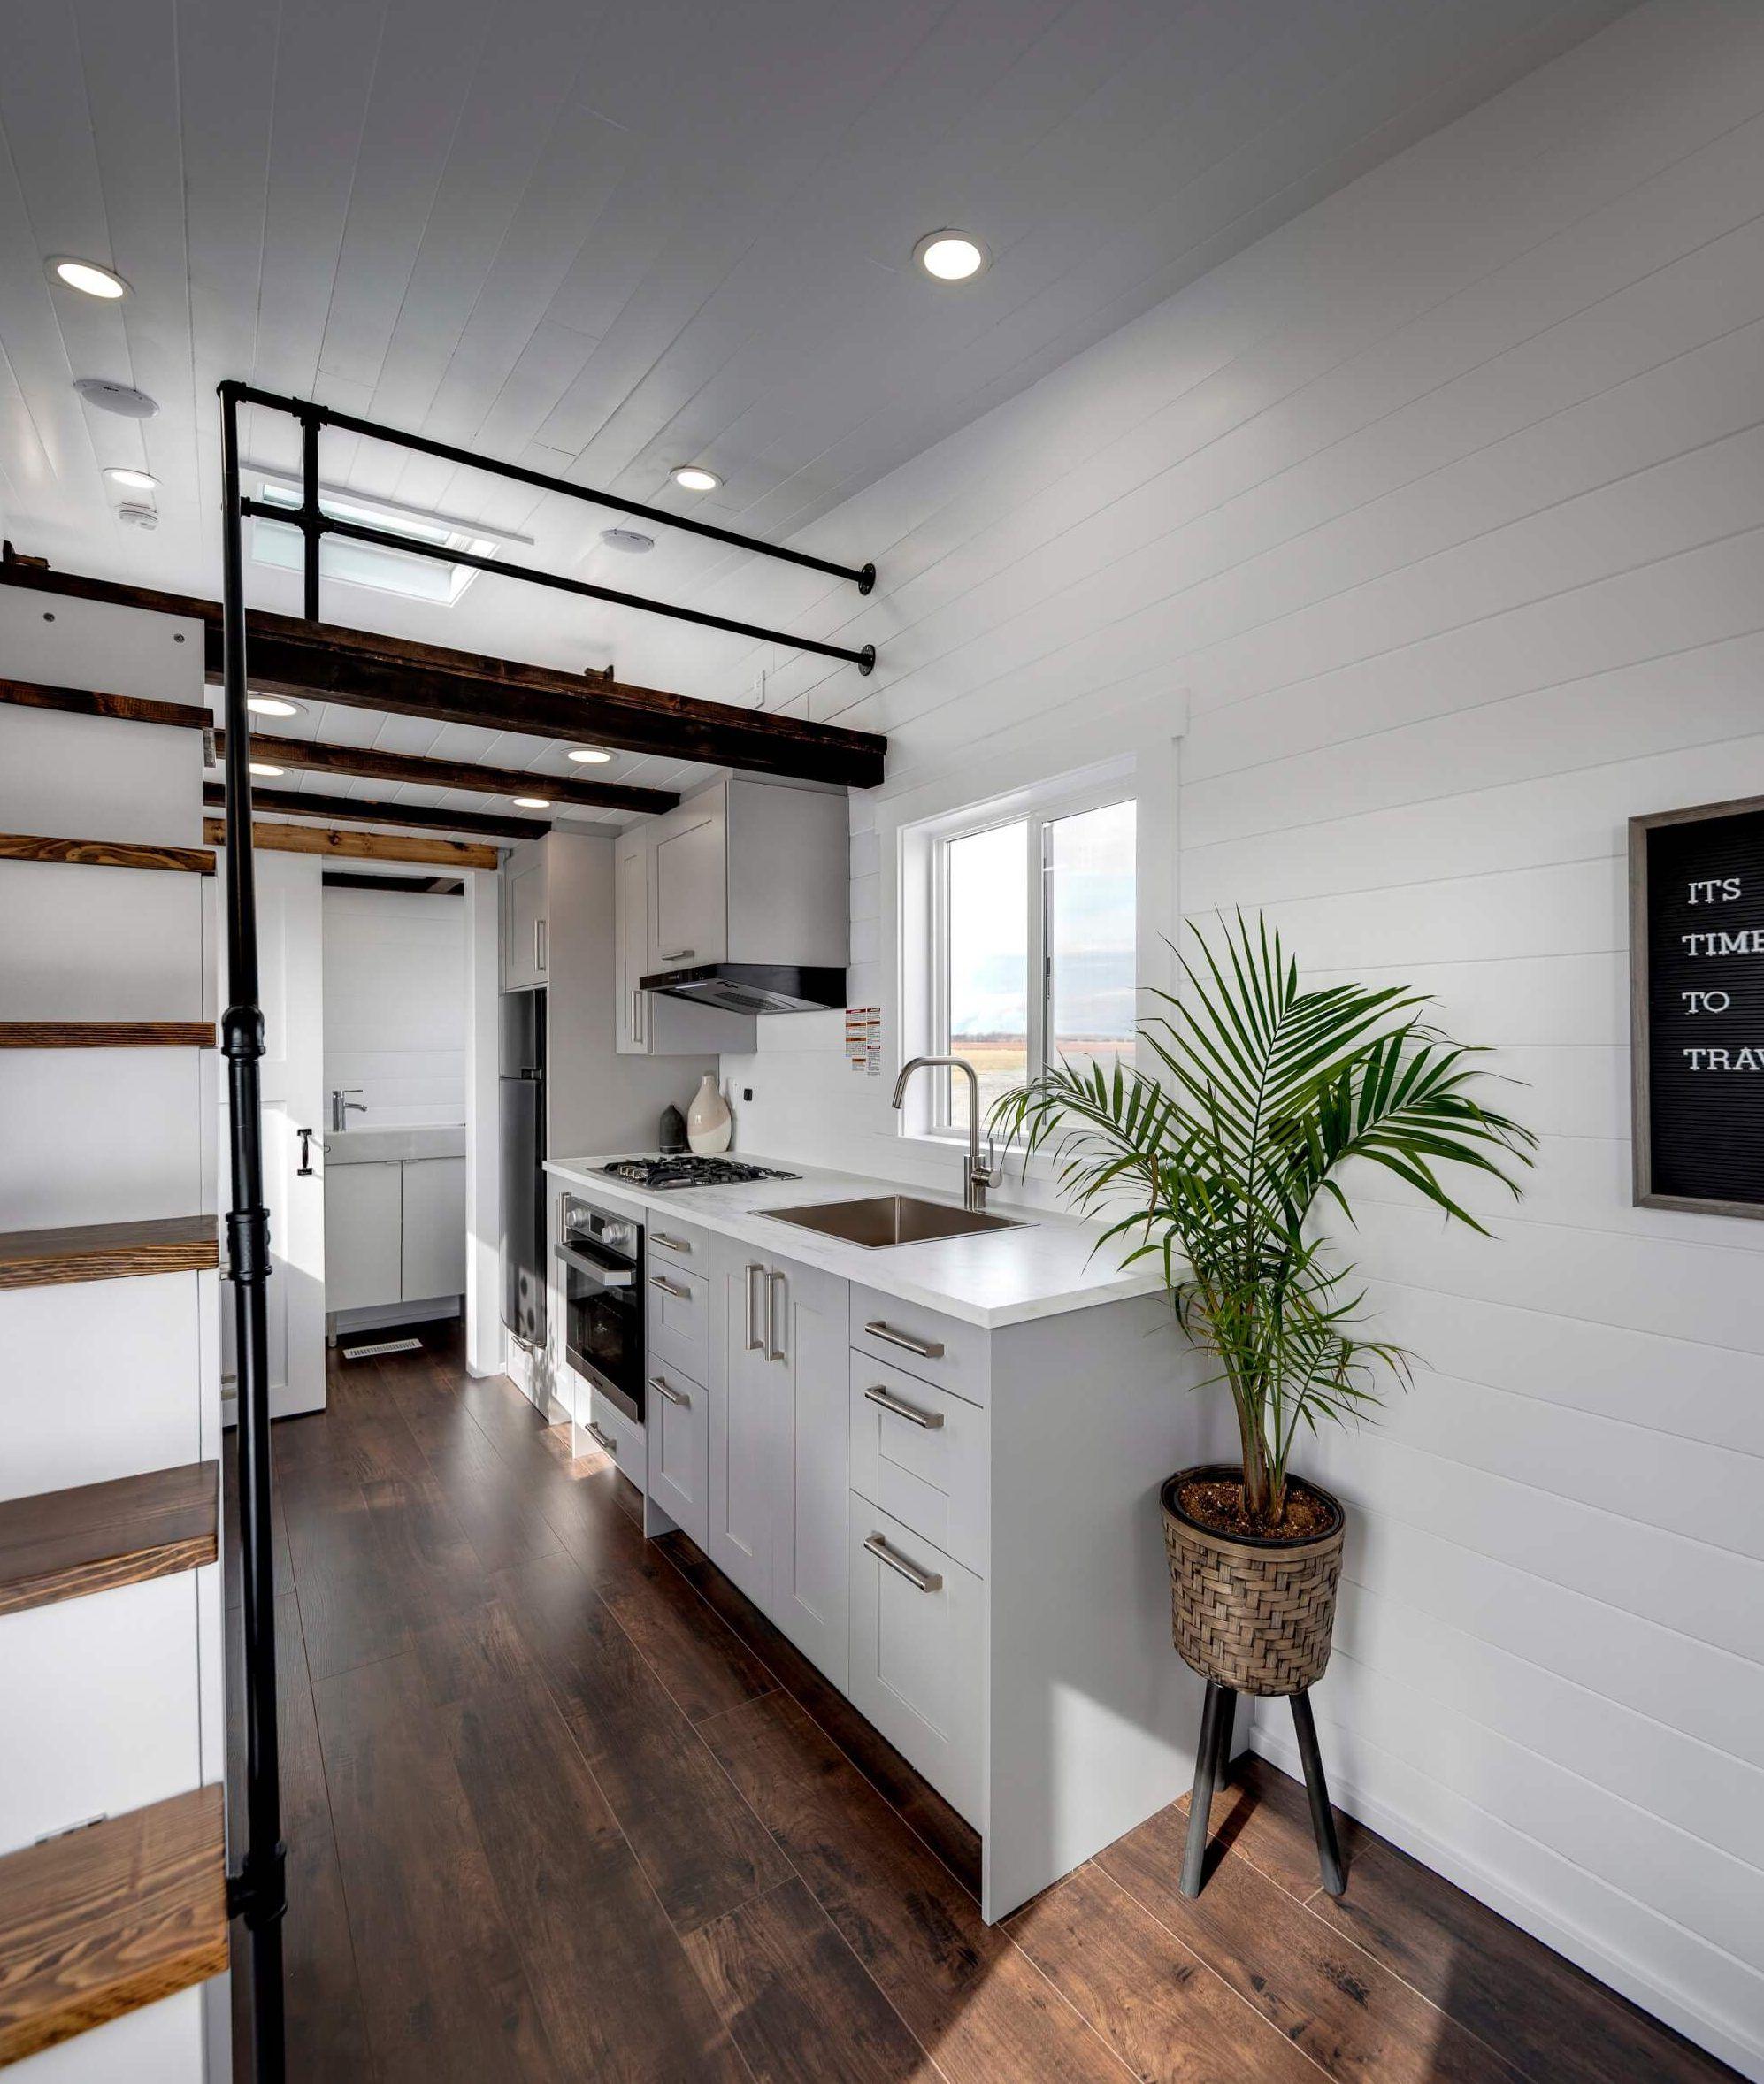 Interior of the Mint Aero tiny house